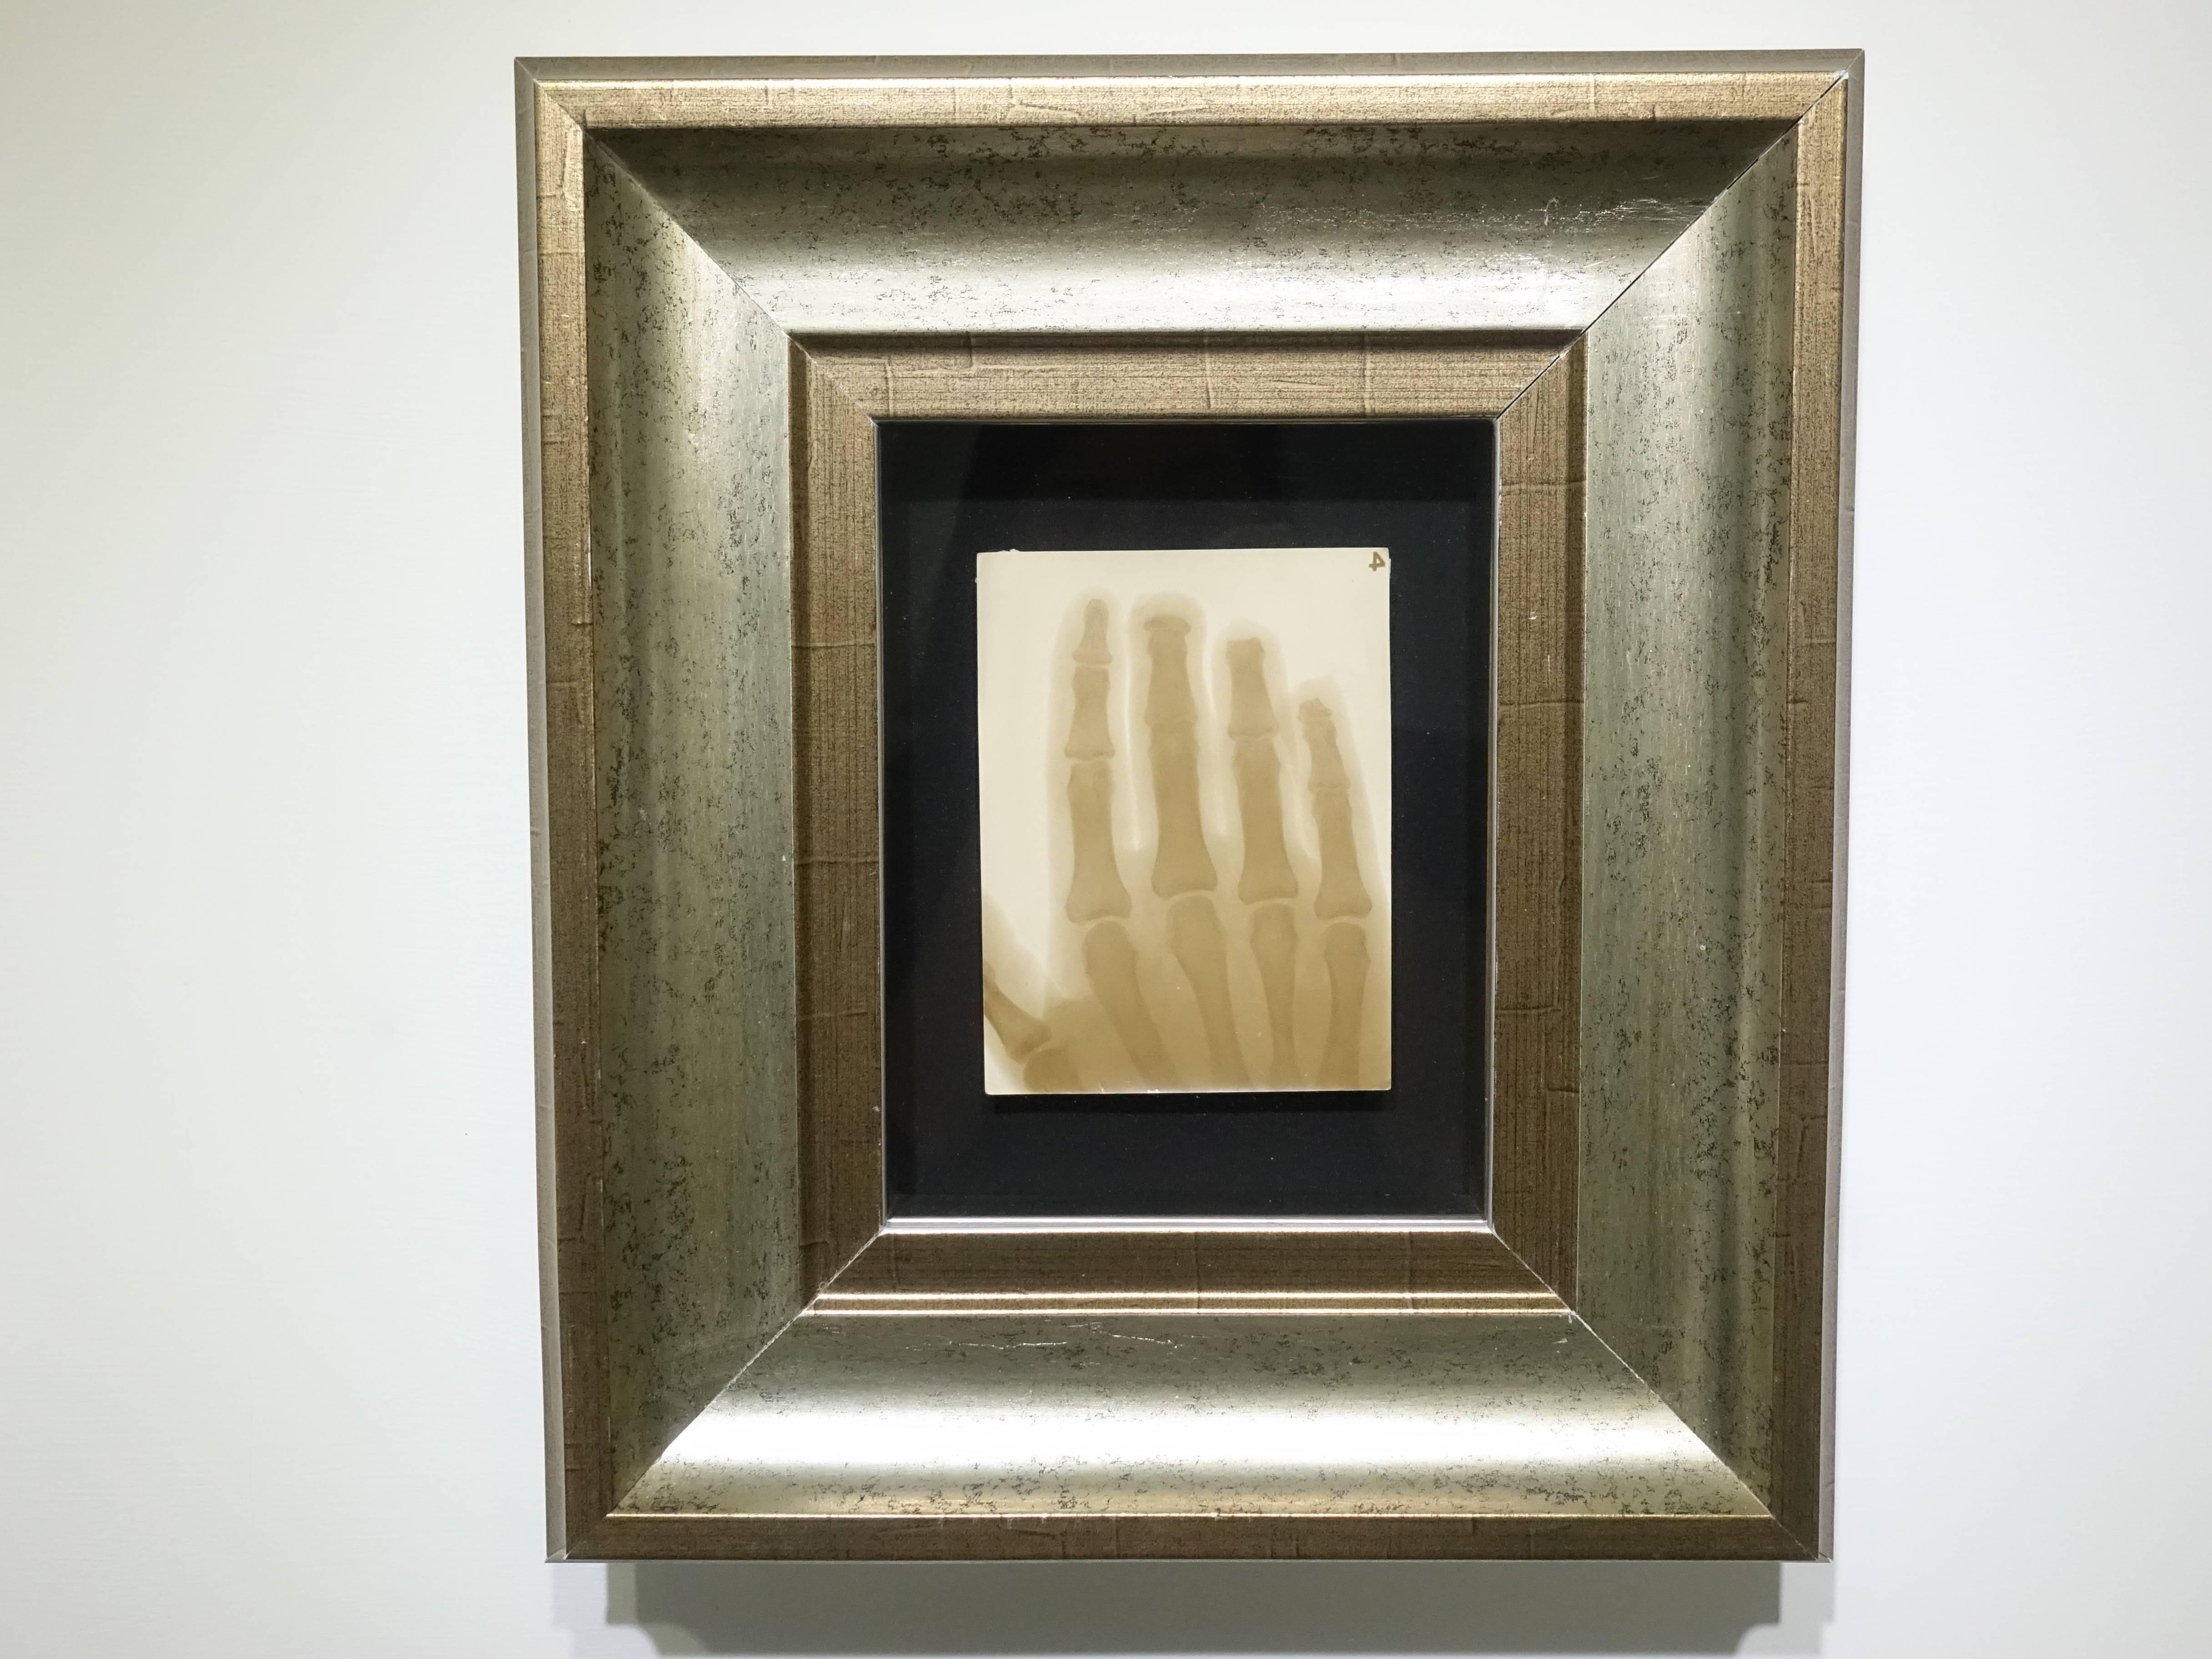 彭瑞麟,《彭瑞麟在東京寫專時以X光拍攝鐵工廠工人的手》,38x28 cm,X光攝影,1930。